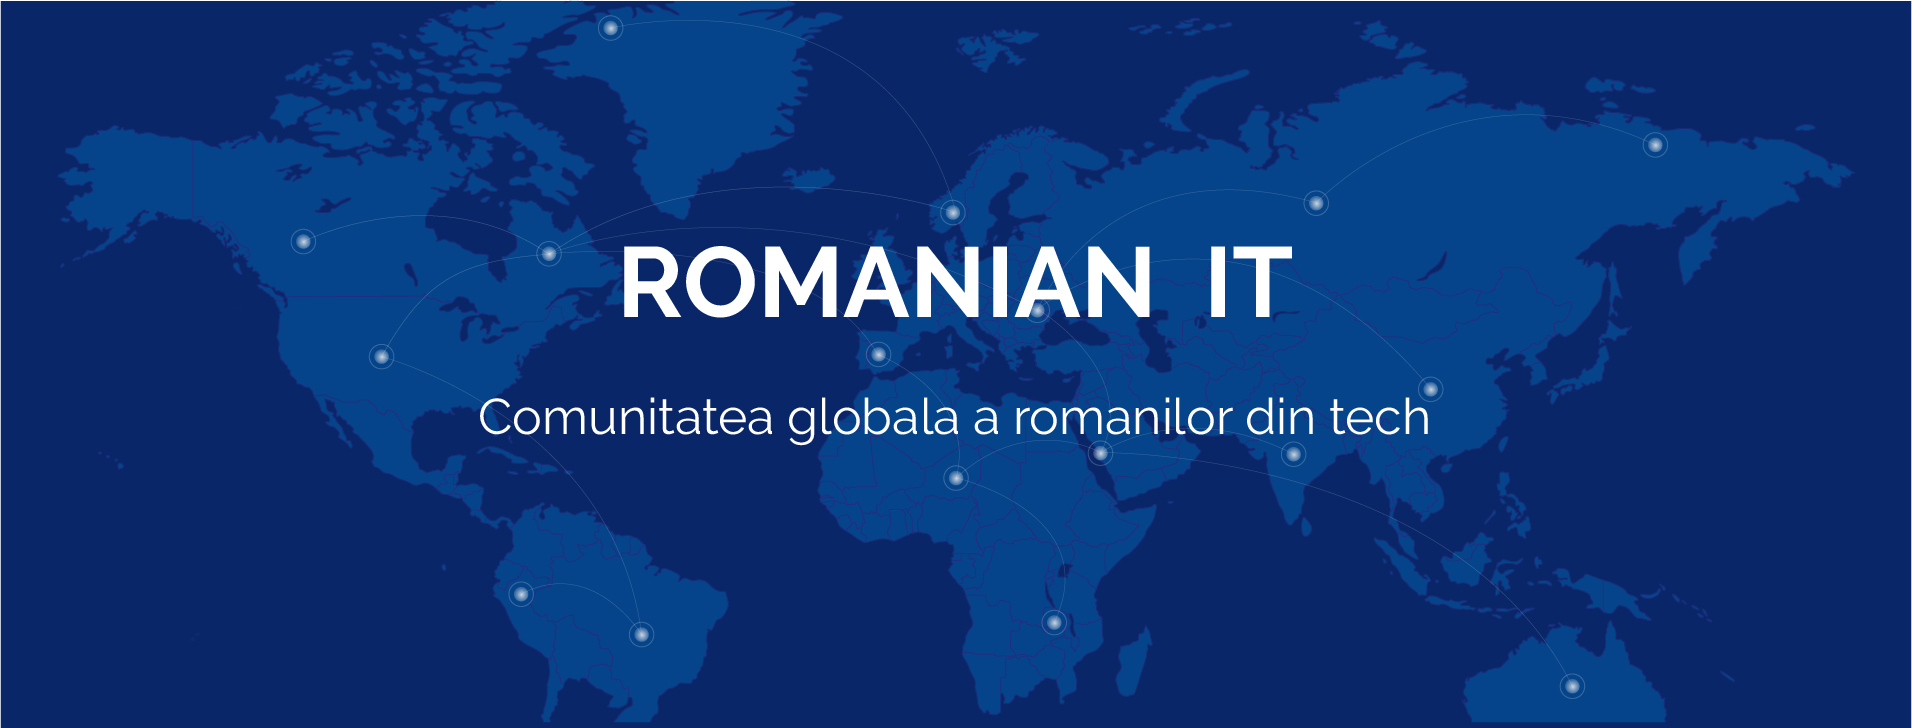 romanian-it